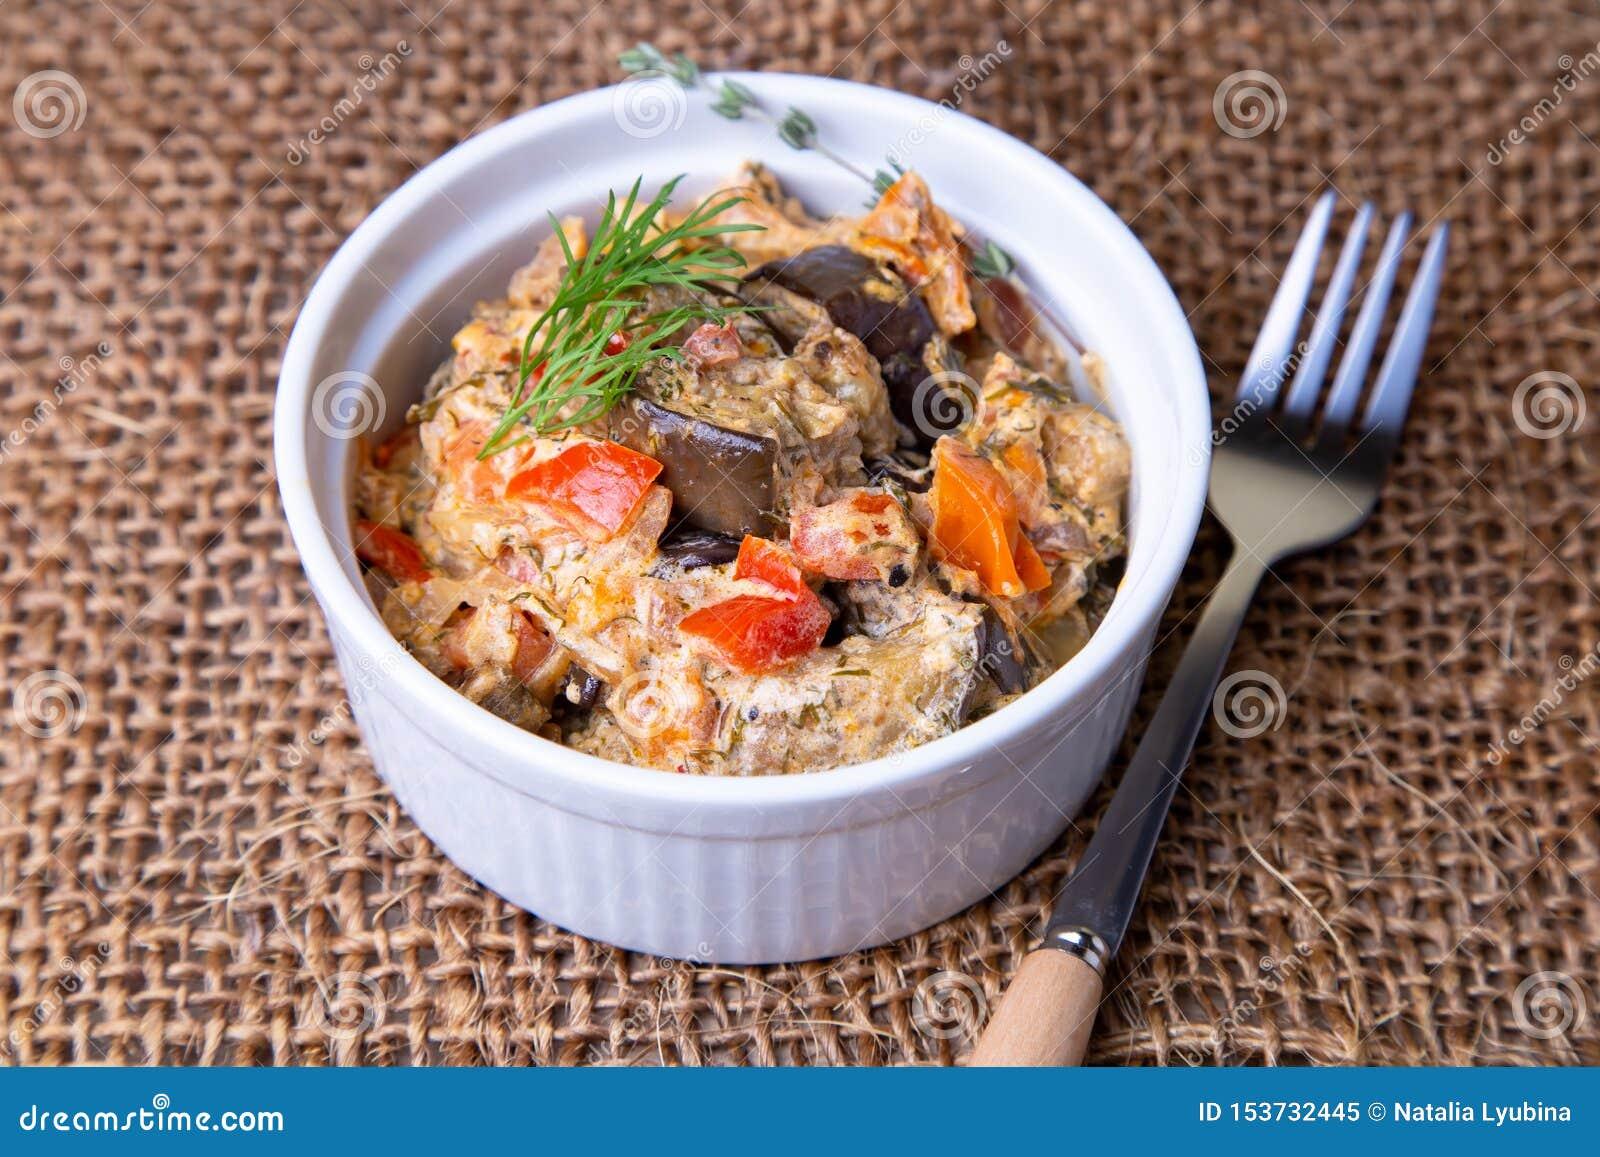 Μελιτζάνες με τις ντομάτες, το βουλγαρικό κόκκινο γλυκό πιπέρι, το κρεμμύδι, τον άνηθο και την ξινή κρέμα